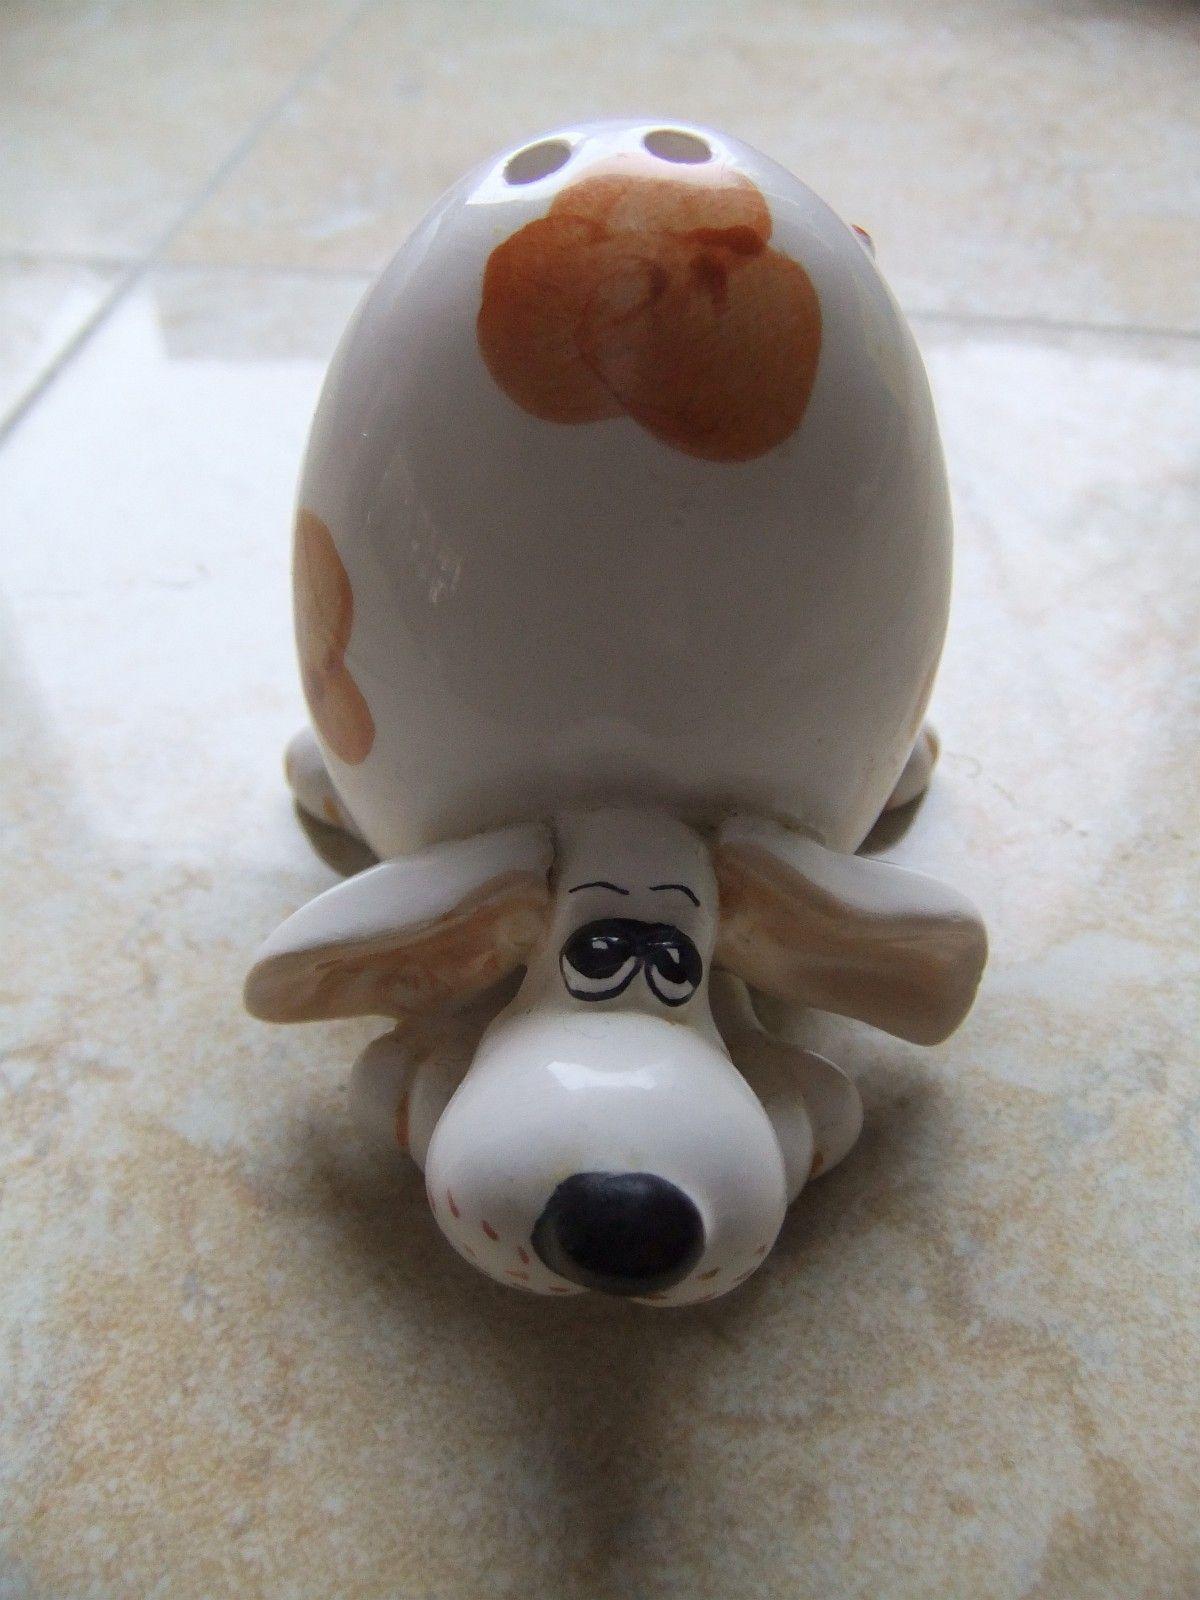 Basset hound - Spydeberg  - Som ny, bare vart til pynt hos en basset hound elsker. Veldig søt. Kjøpt i Budapest- Ungarn. Selges samlet for: 500,- - Spydeberg